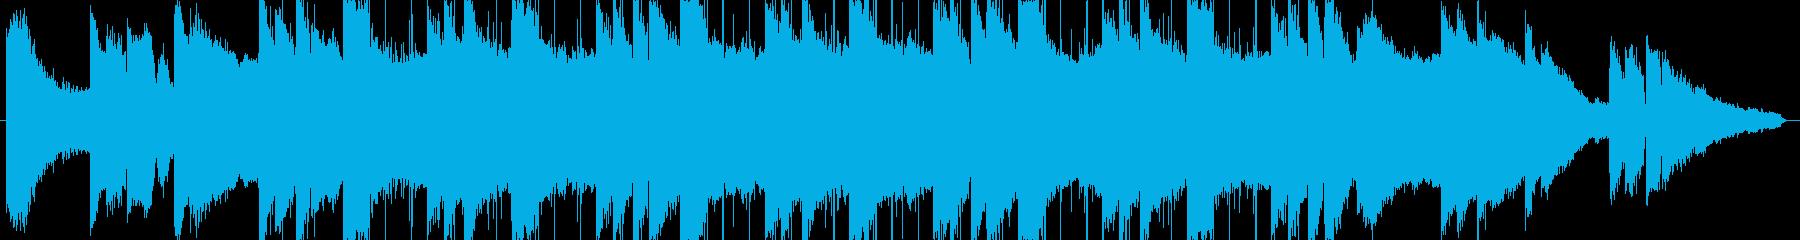 lofi風しっとりとしたピアノBGM3の再生済みの波形